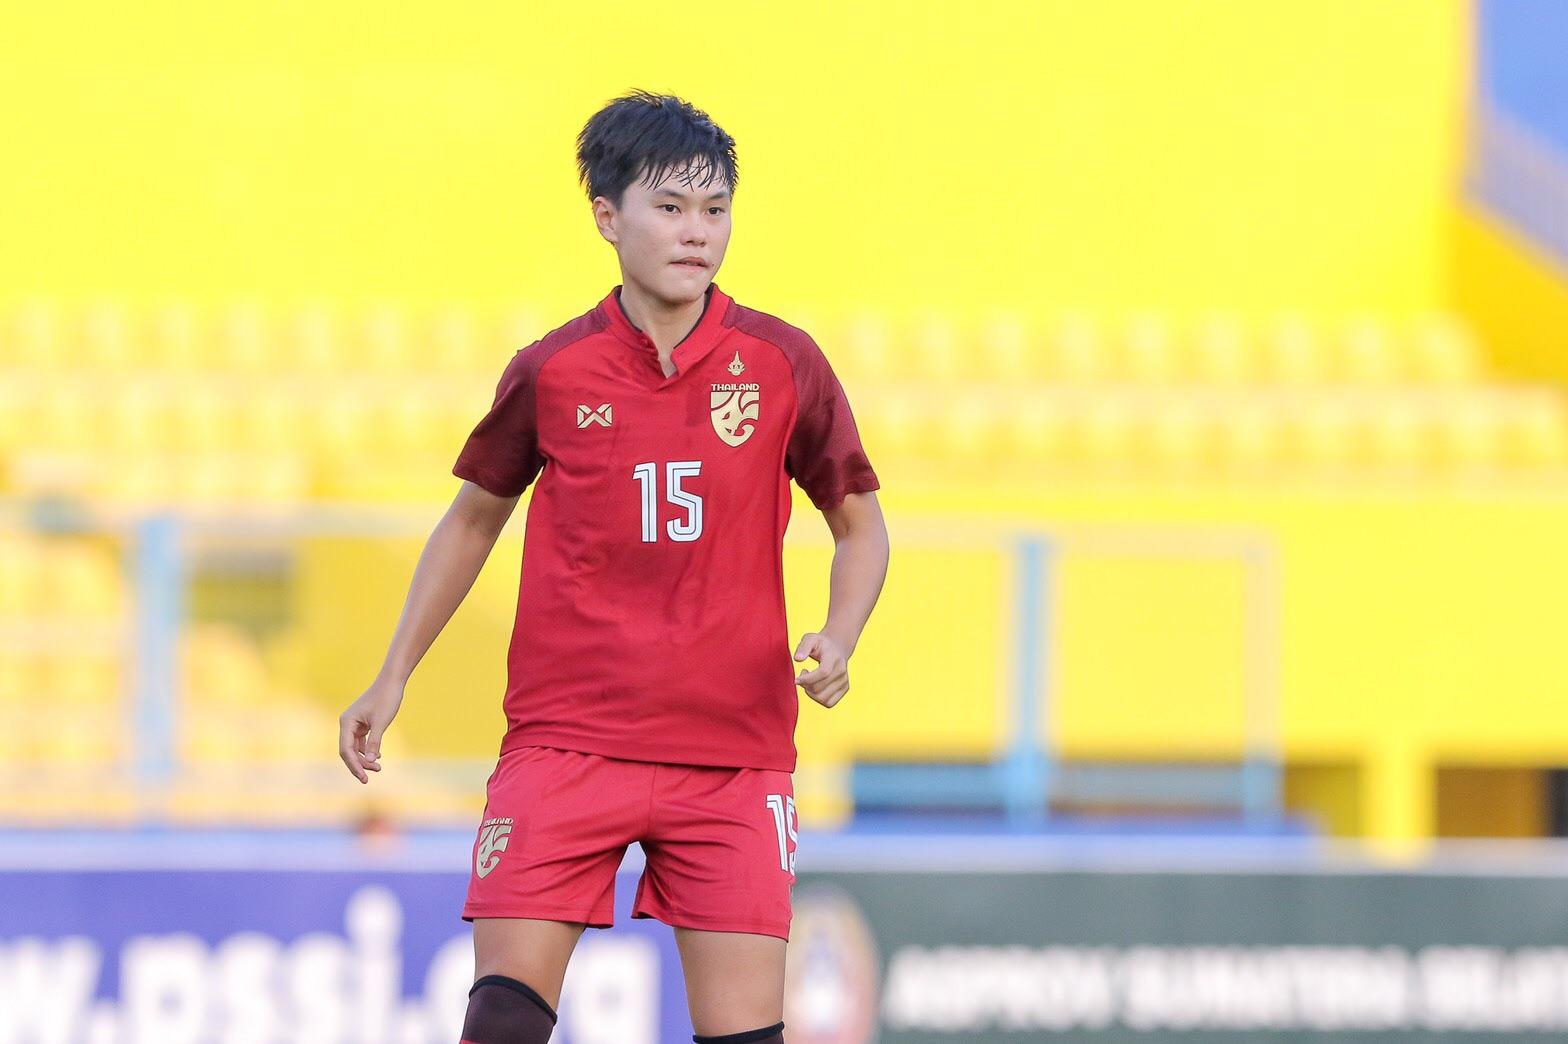 ทีมชาติไทย นิภาวรรณ ปัญโญสุข ฟุตบอลหญิง ฟุตบอลหญิงชิงแชมป์โลก 2019 อลิษา รักพินิจ